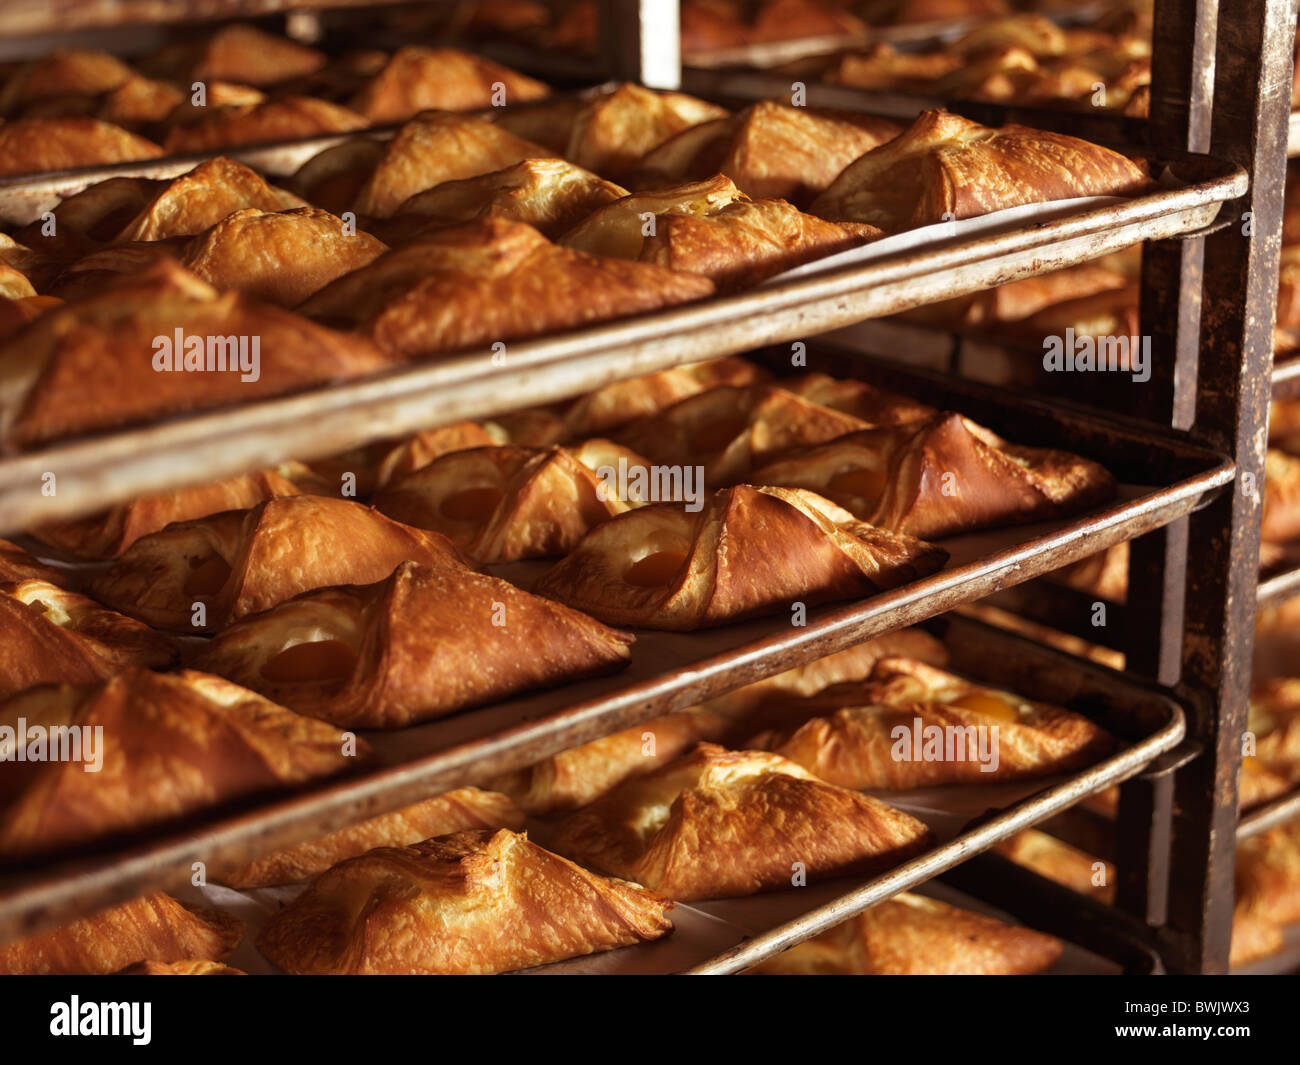 Frisch gebackenes Gebäck auf Backblechen in Bäckerei Stikkenwagen Stockbild